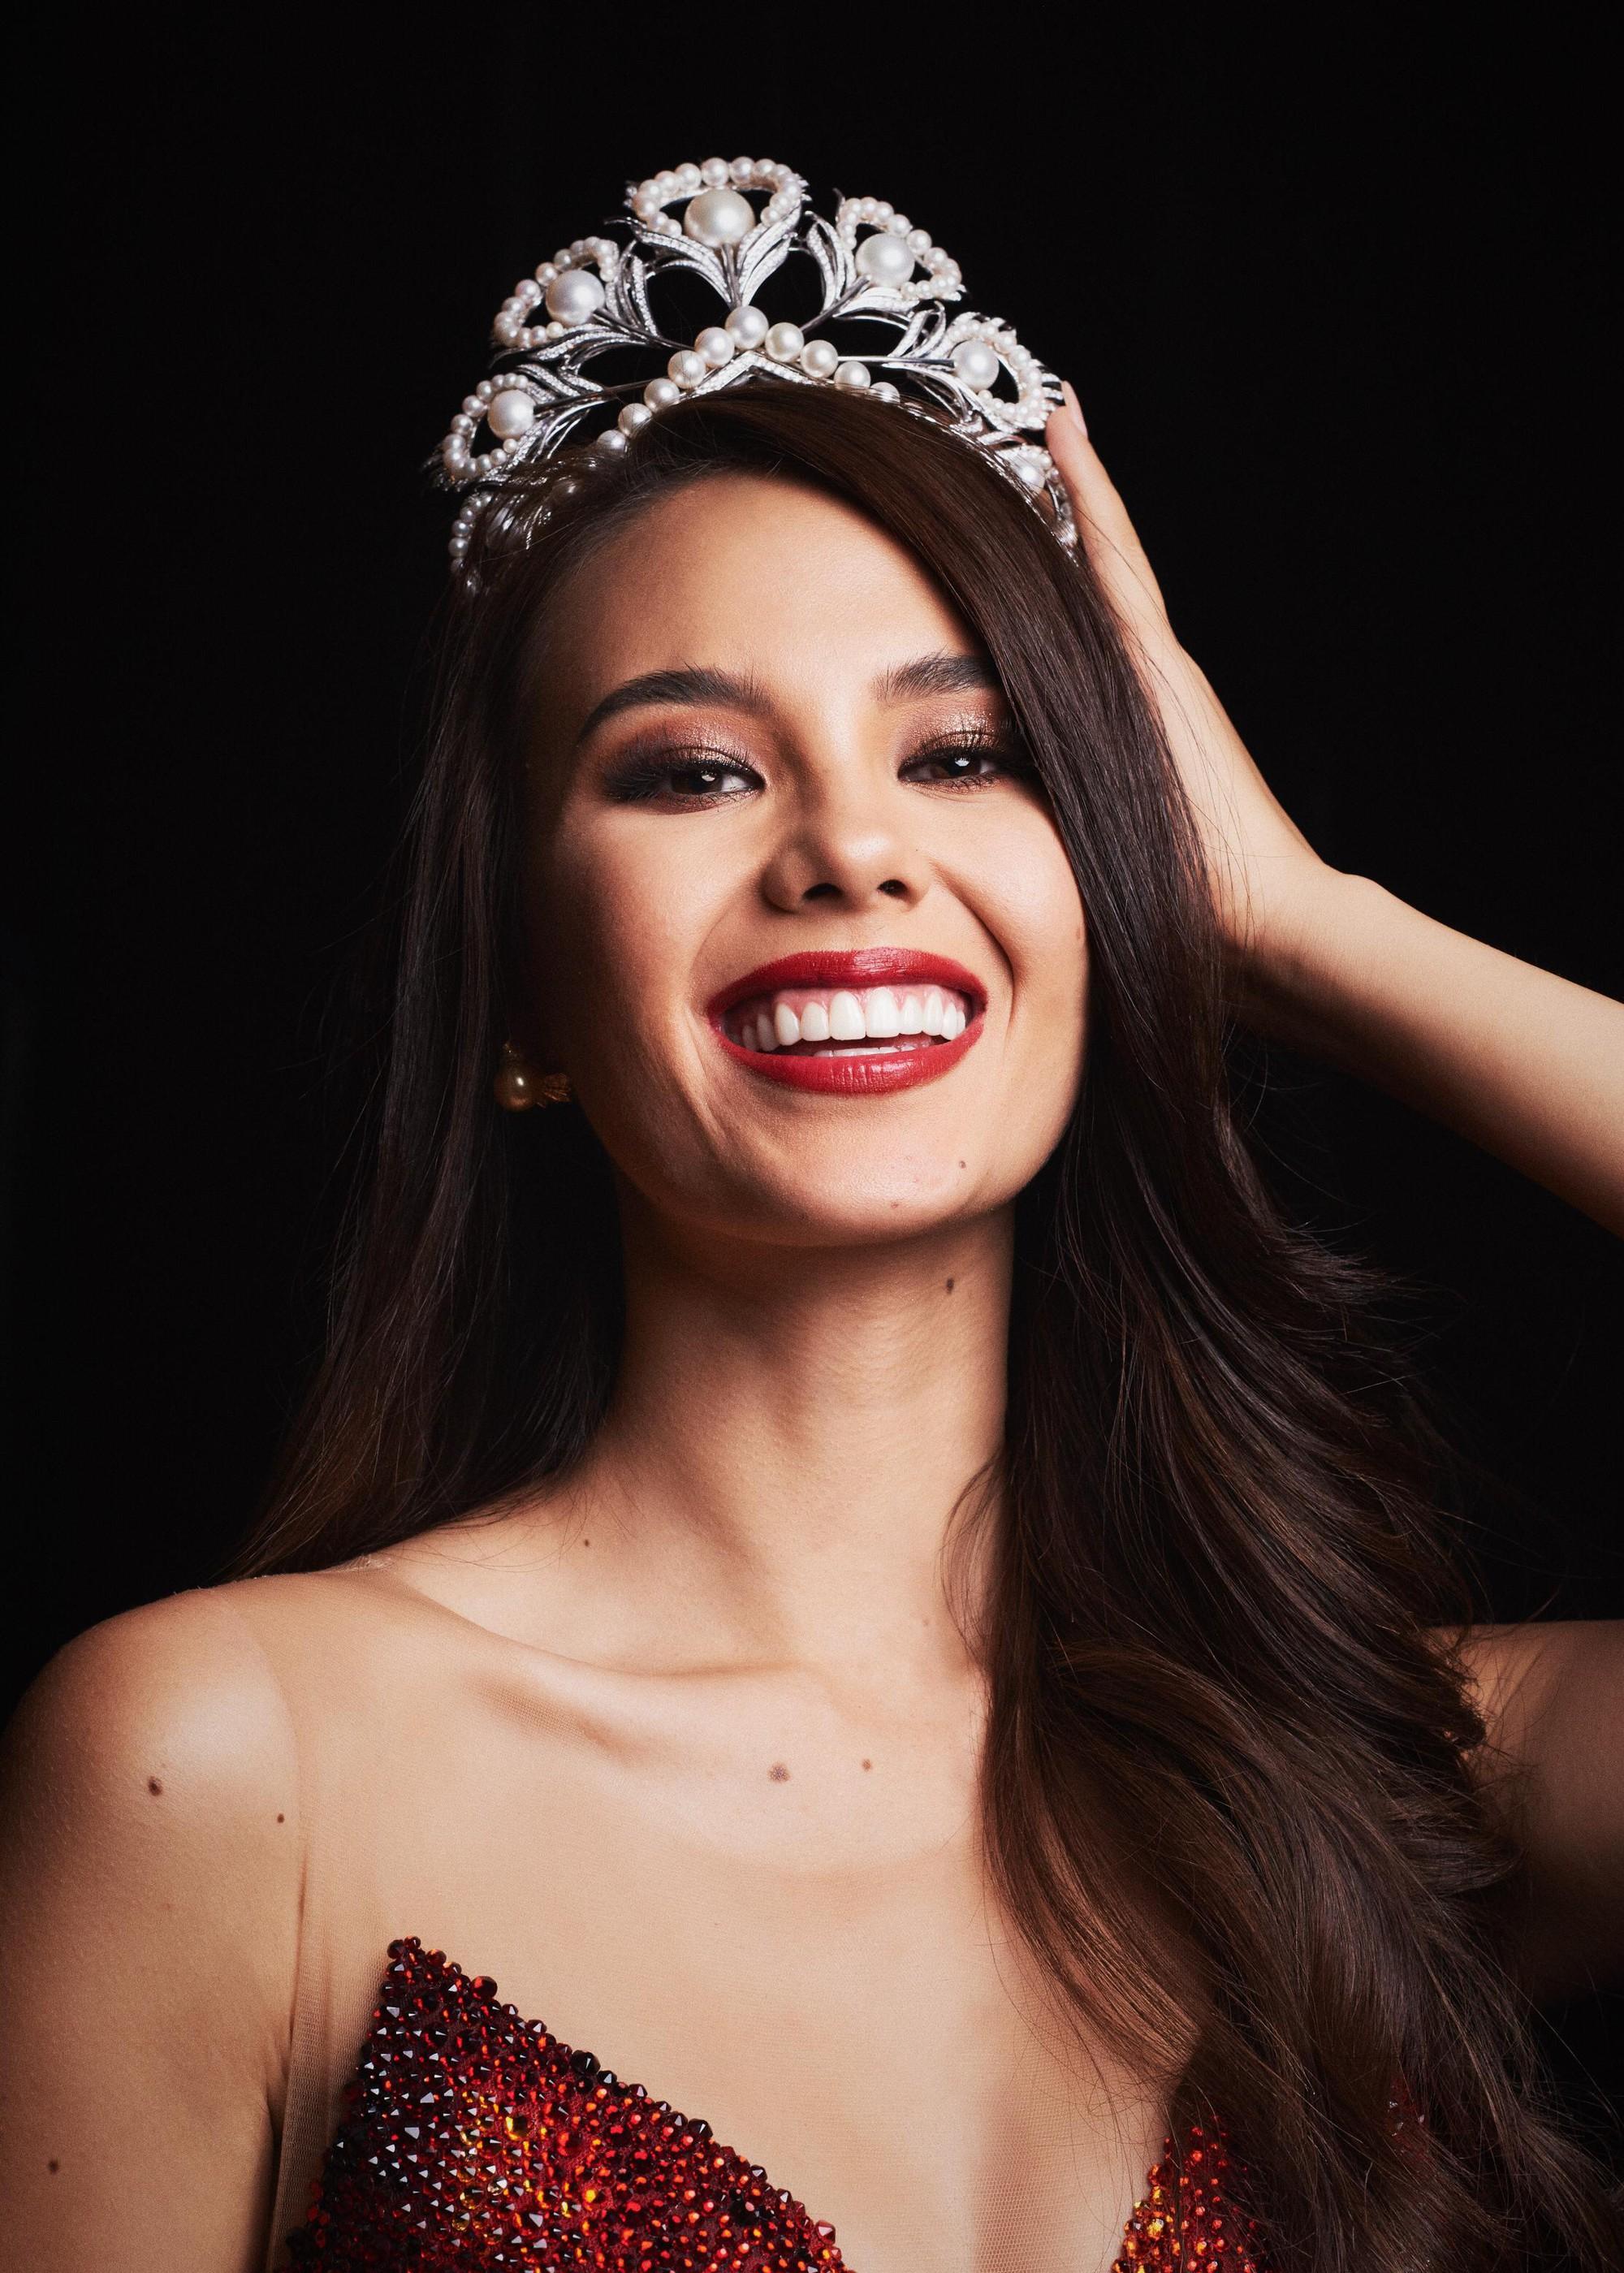 Sự cố hi hữu trong lịch sử Miss Universe: Đang diễu hành, Hoa hậu làm vỡ vương miện 6 tỉ và phản ứng bất ngờ sau đó - Ảnh 18.